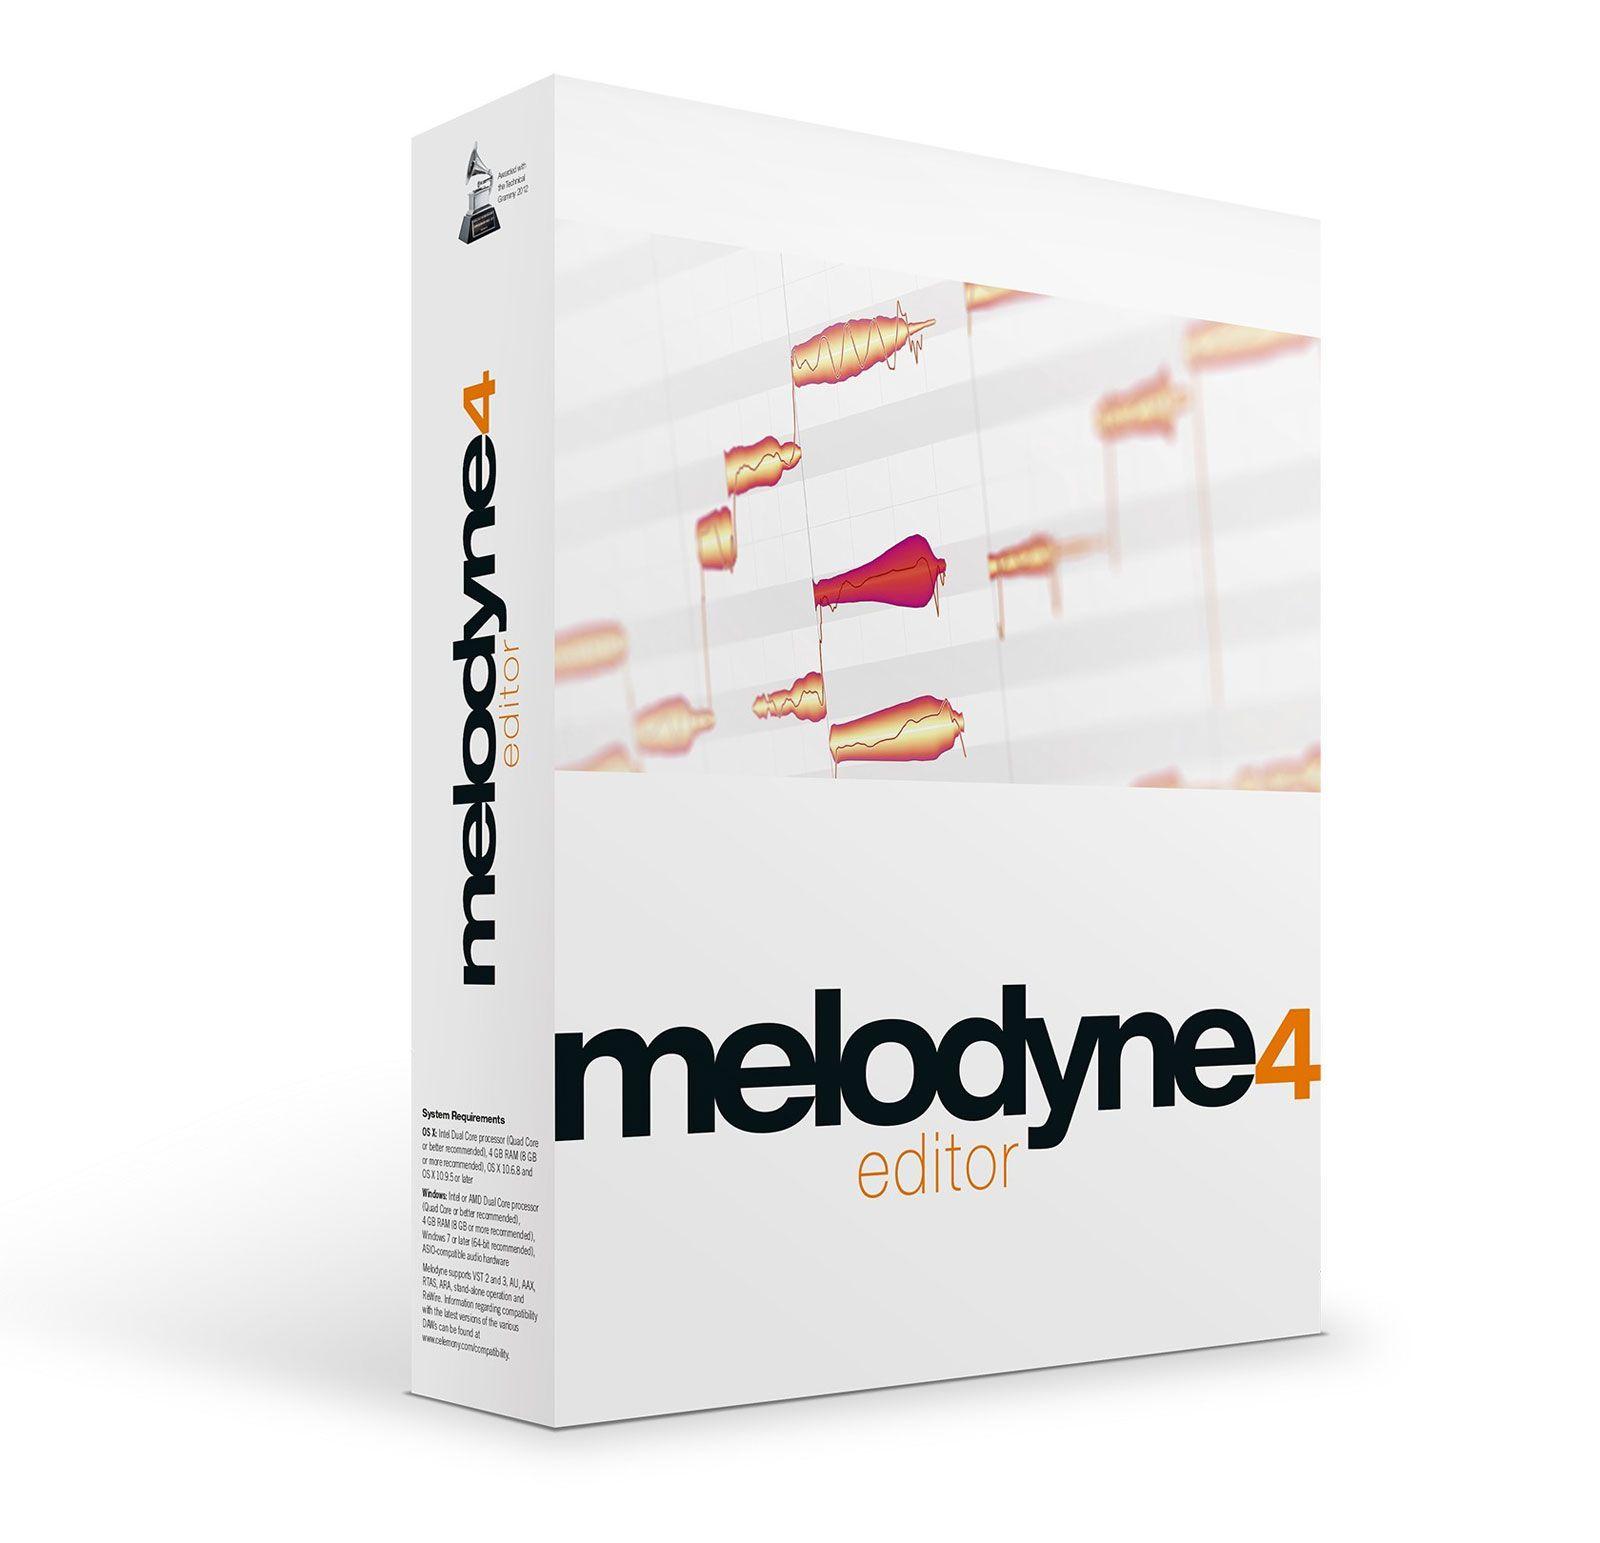 melodyne 4 free download mac